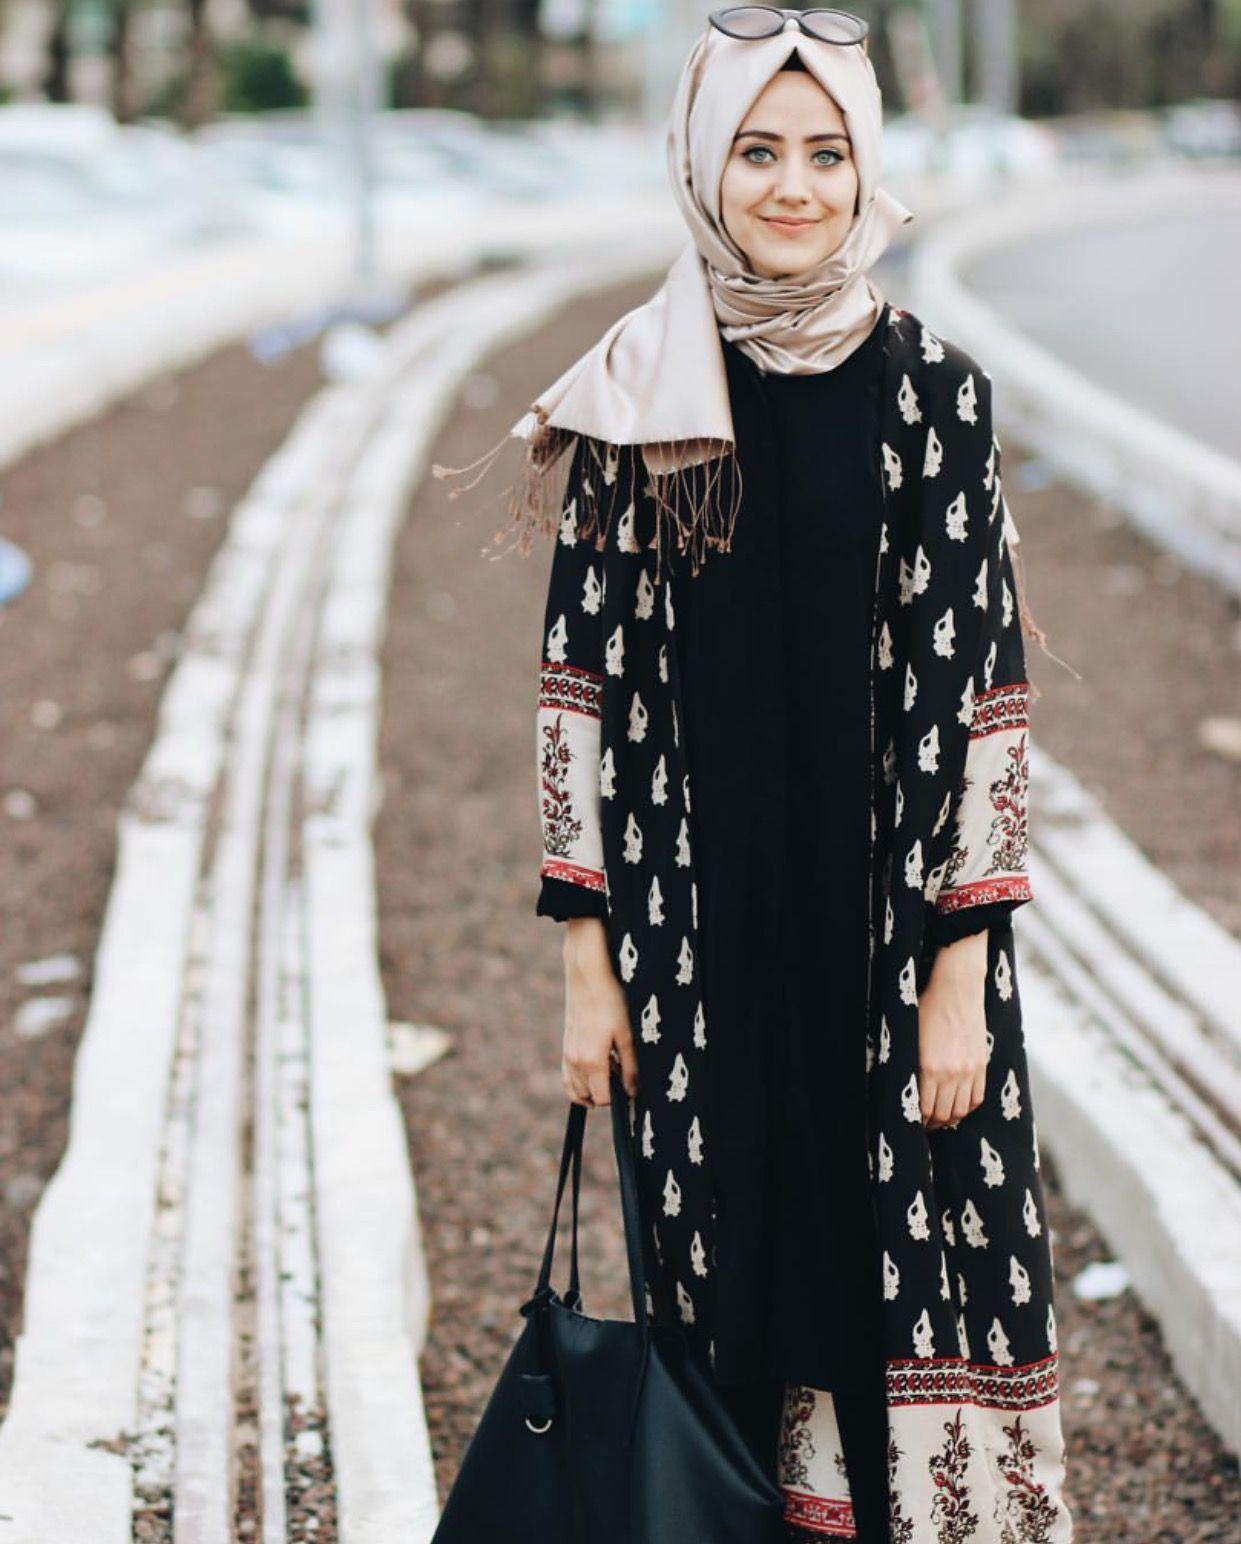 Pinterest @adarkurdish hijab style  Model pakaian hijab, Model